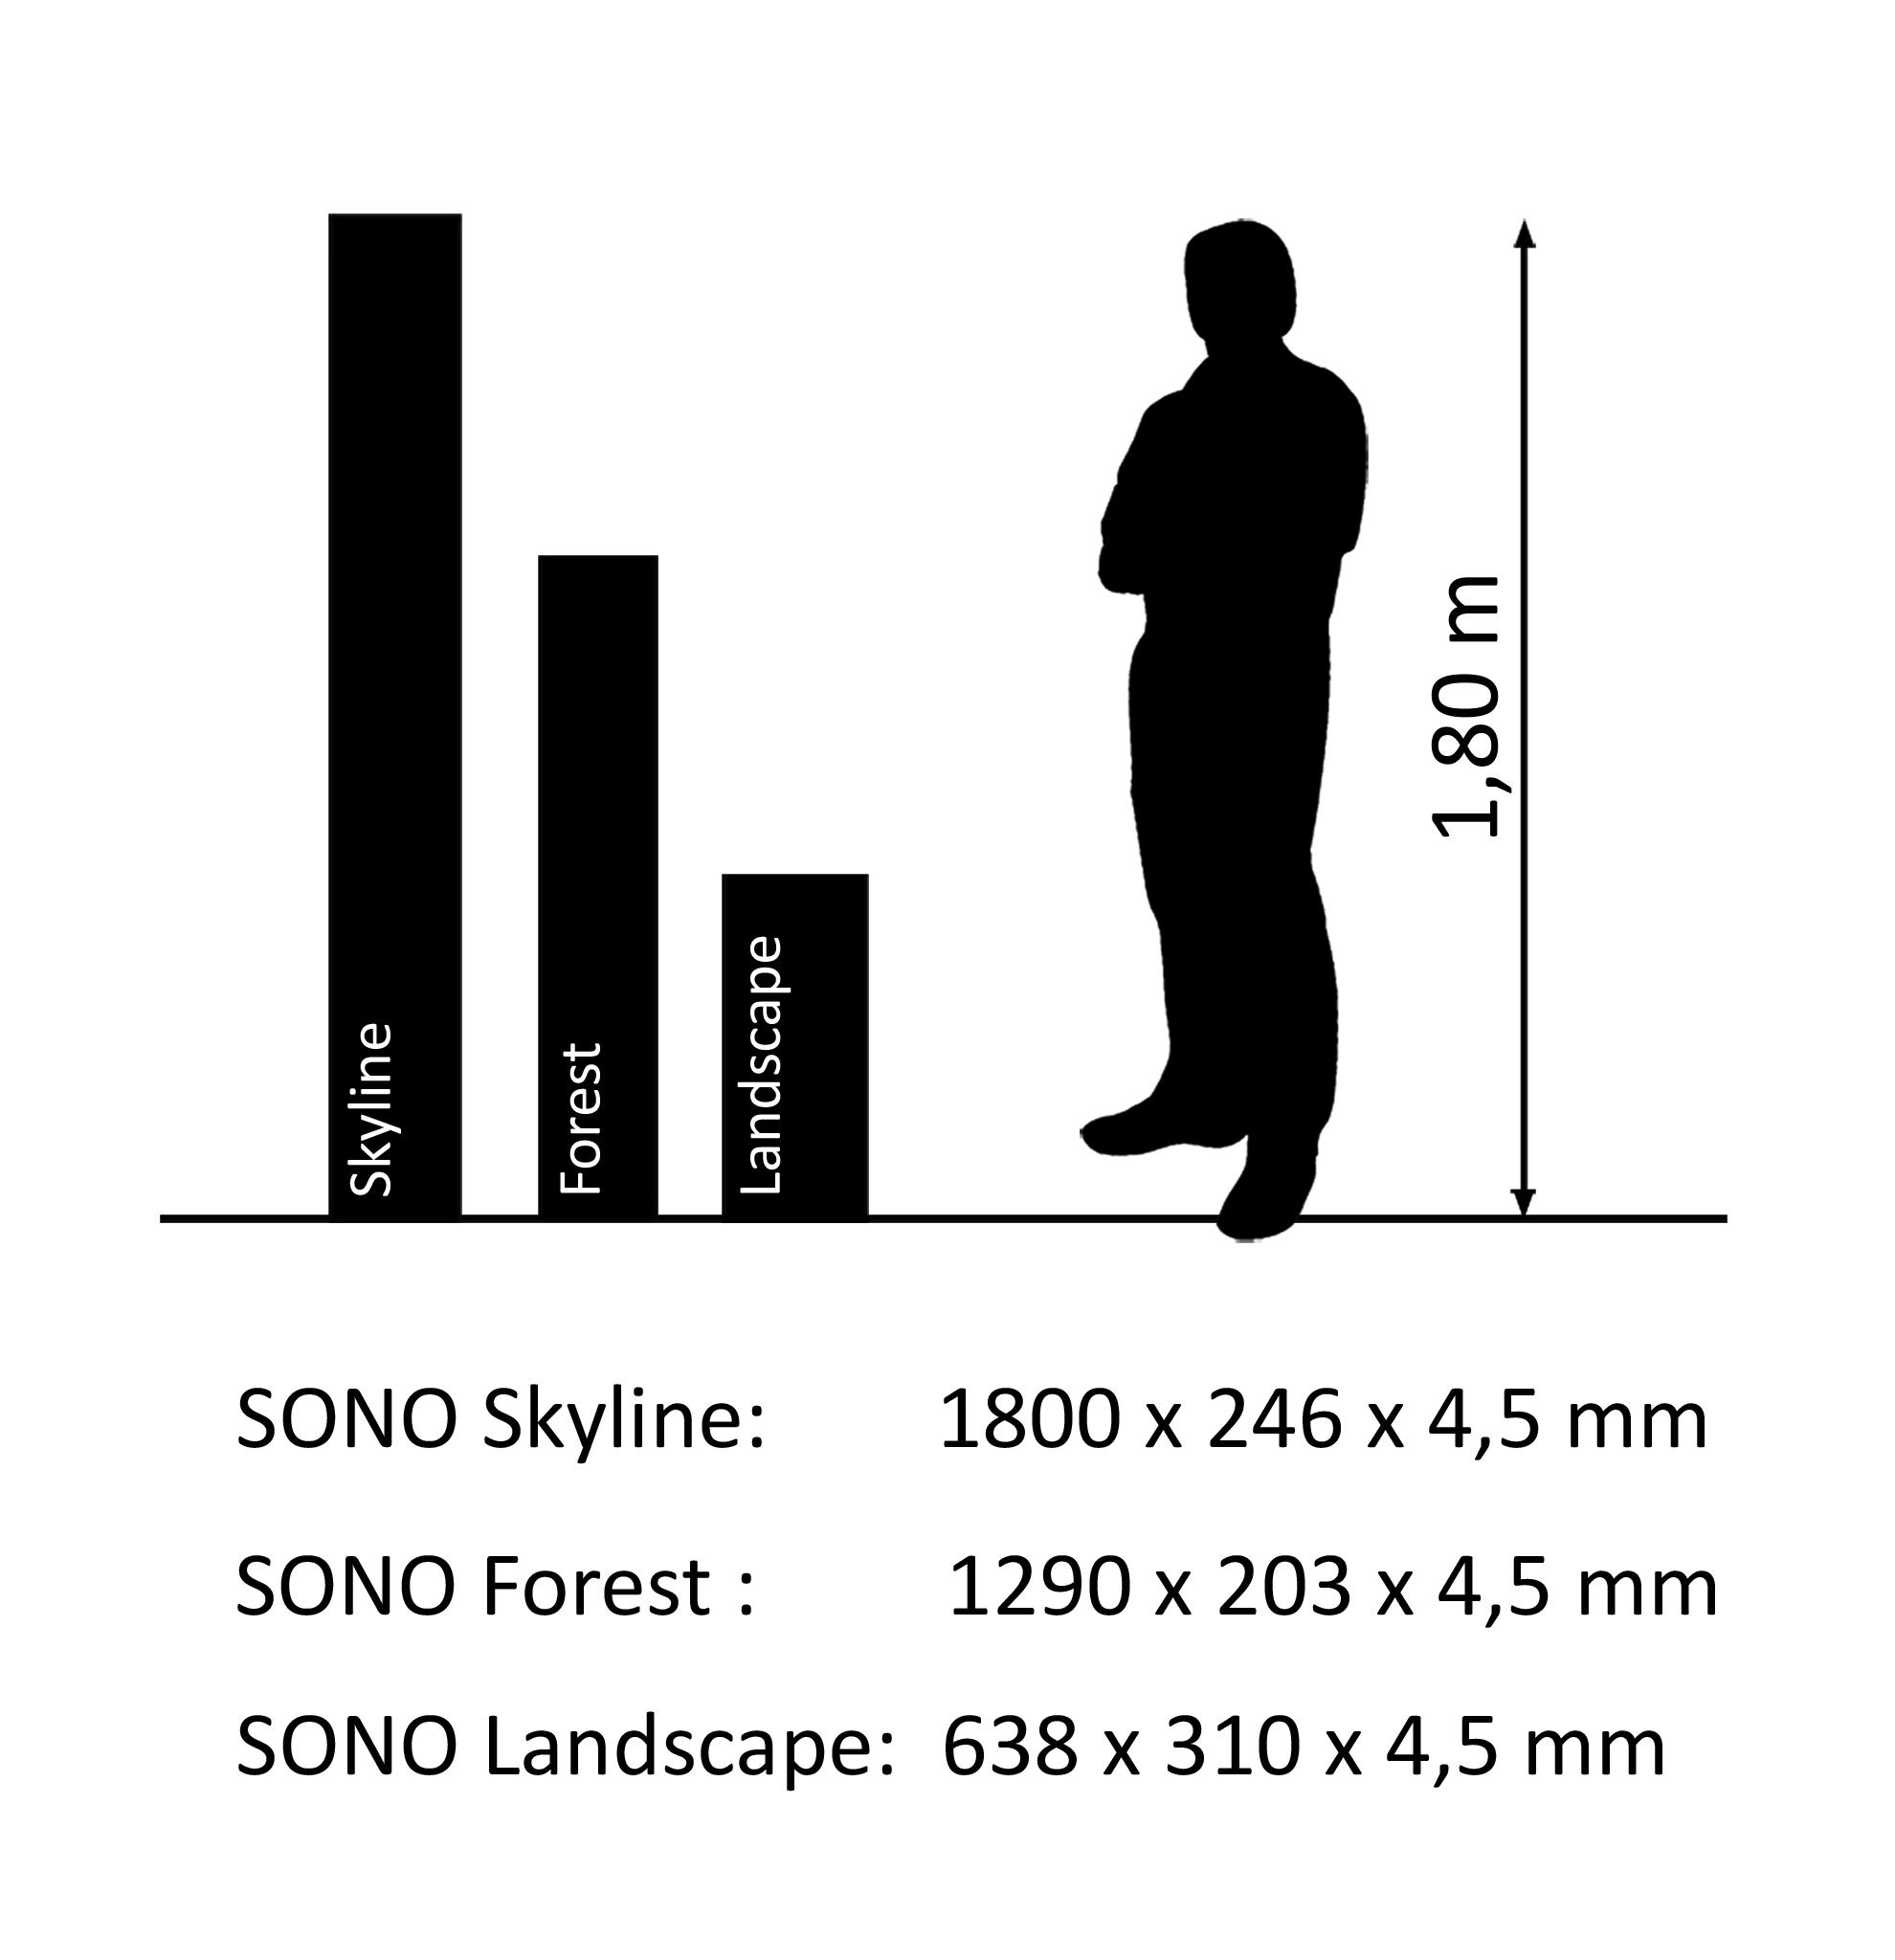 Sono Pro Landscape Out of Dark